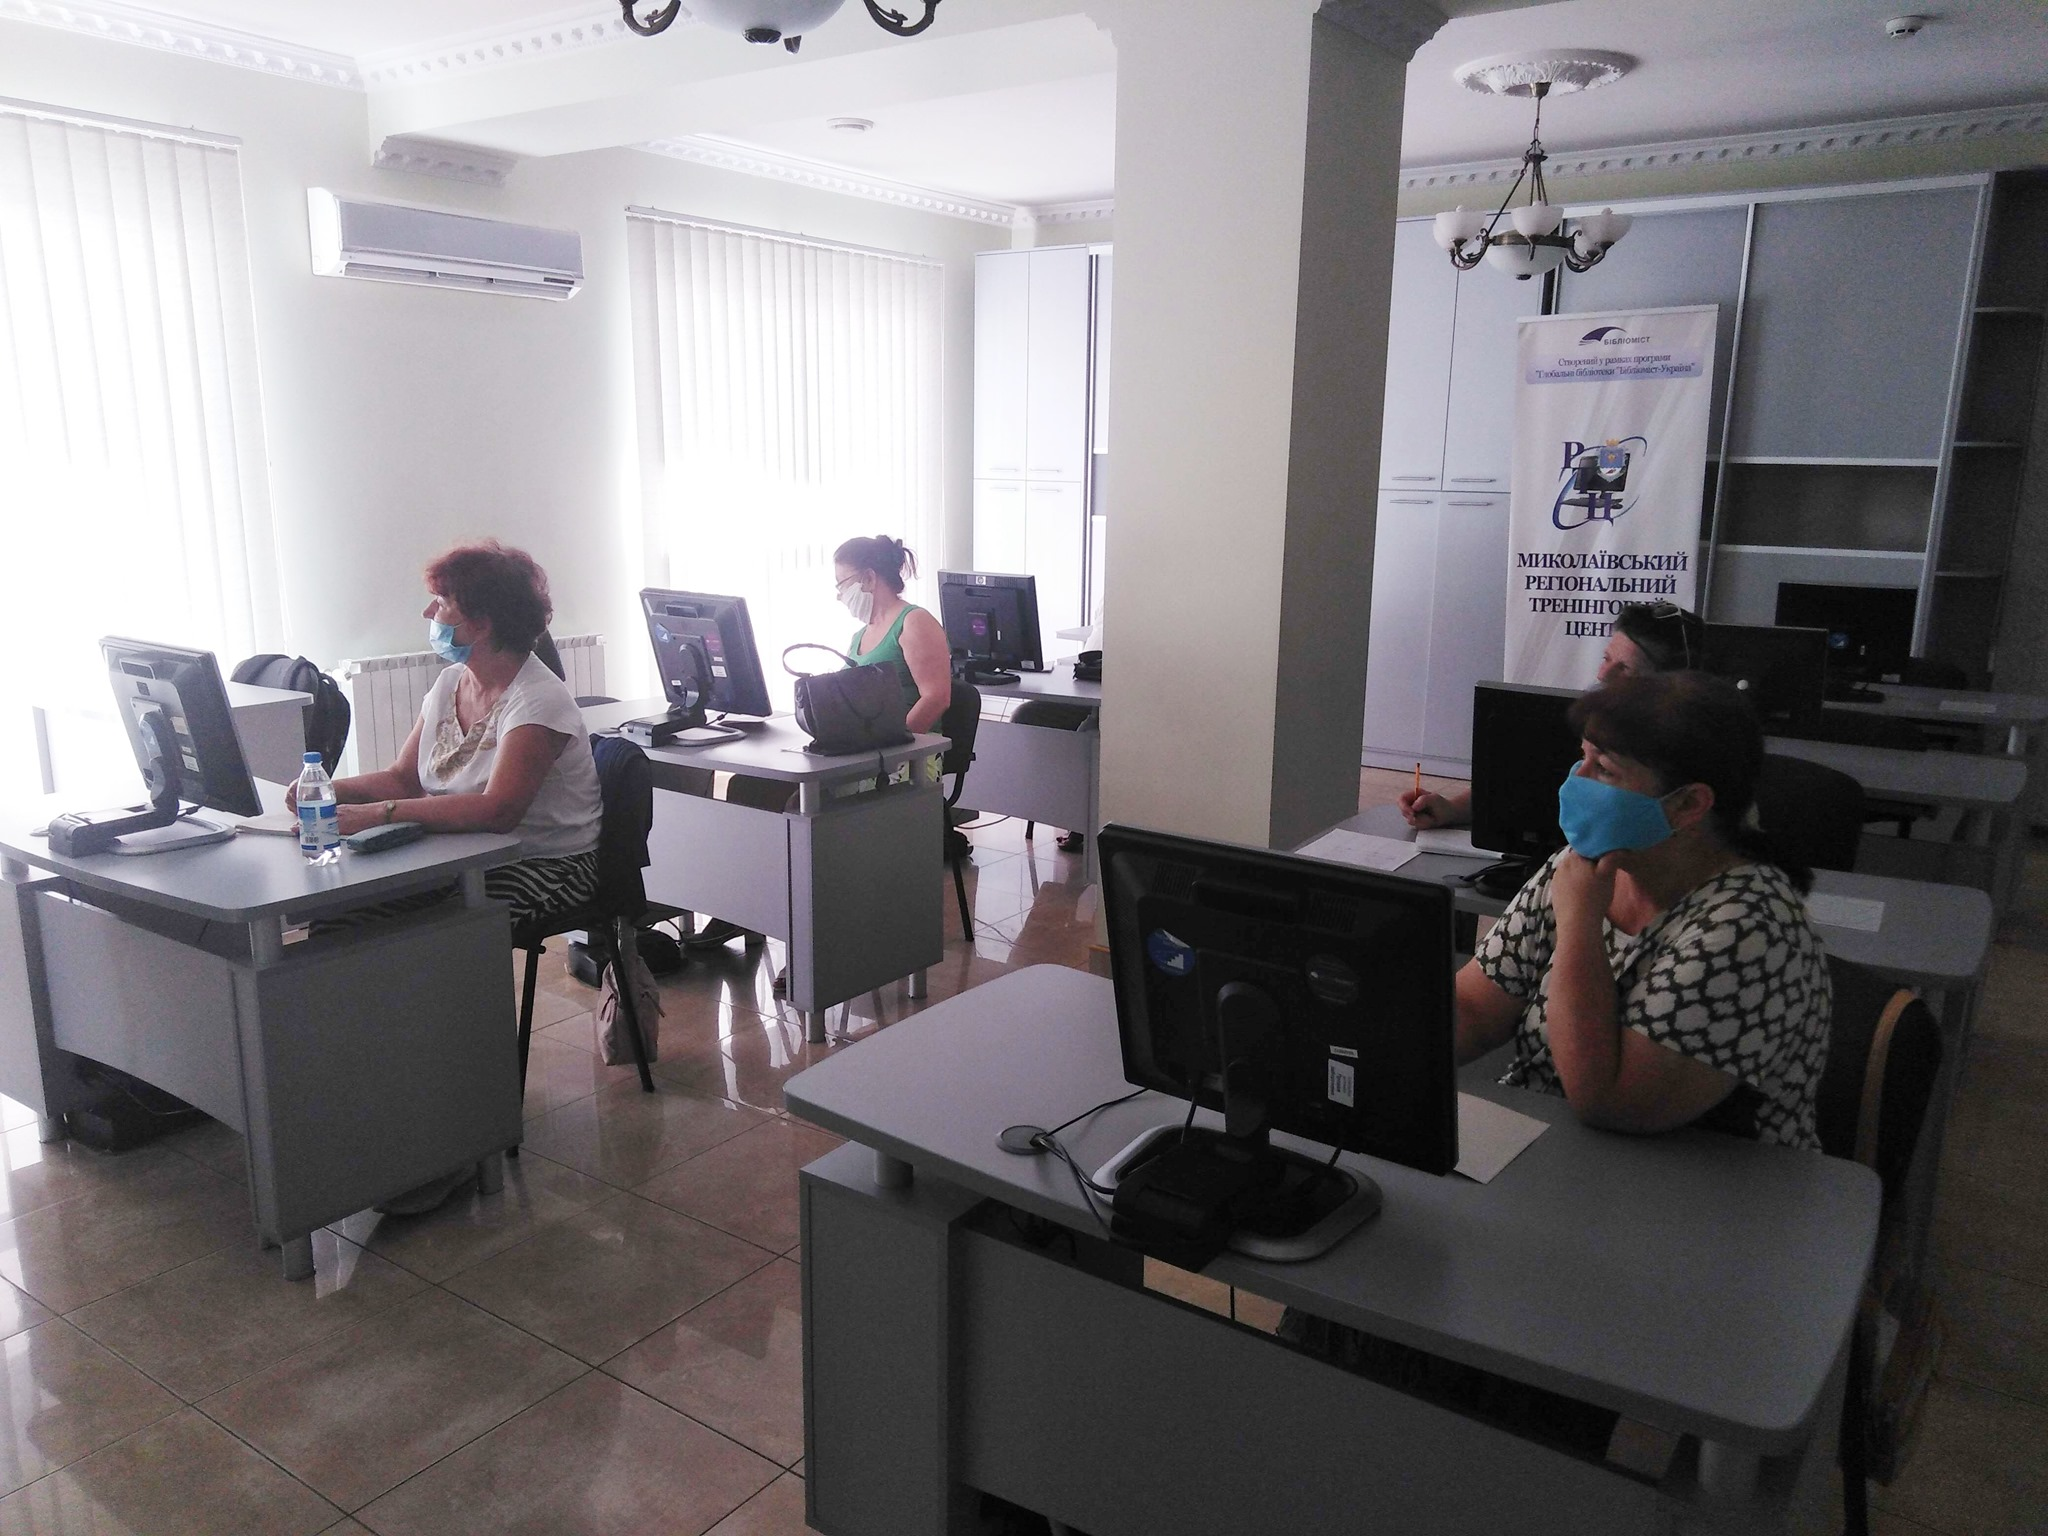 Николаевцы почтенного возраста научились азам виртуального общения